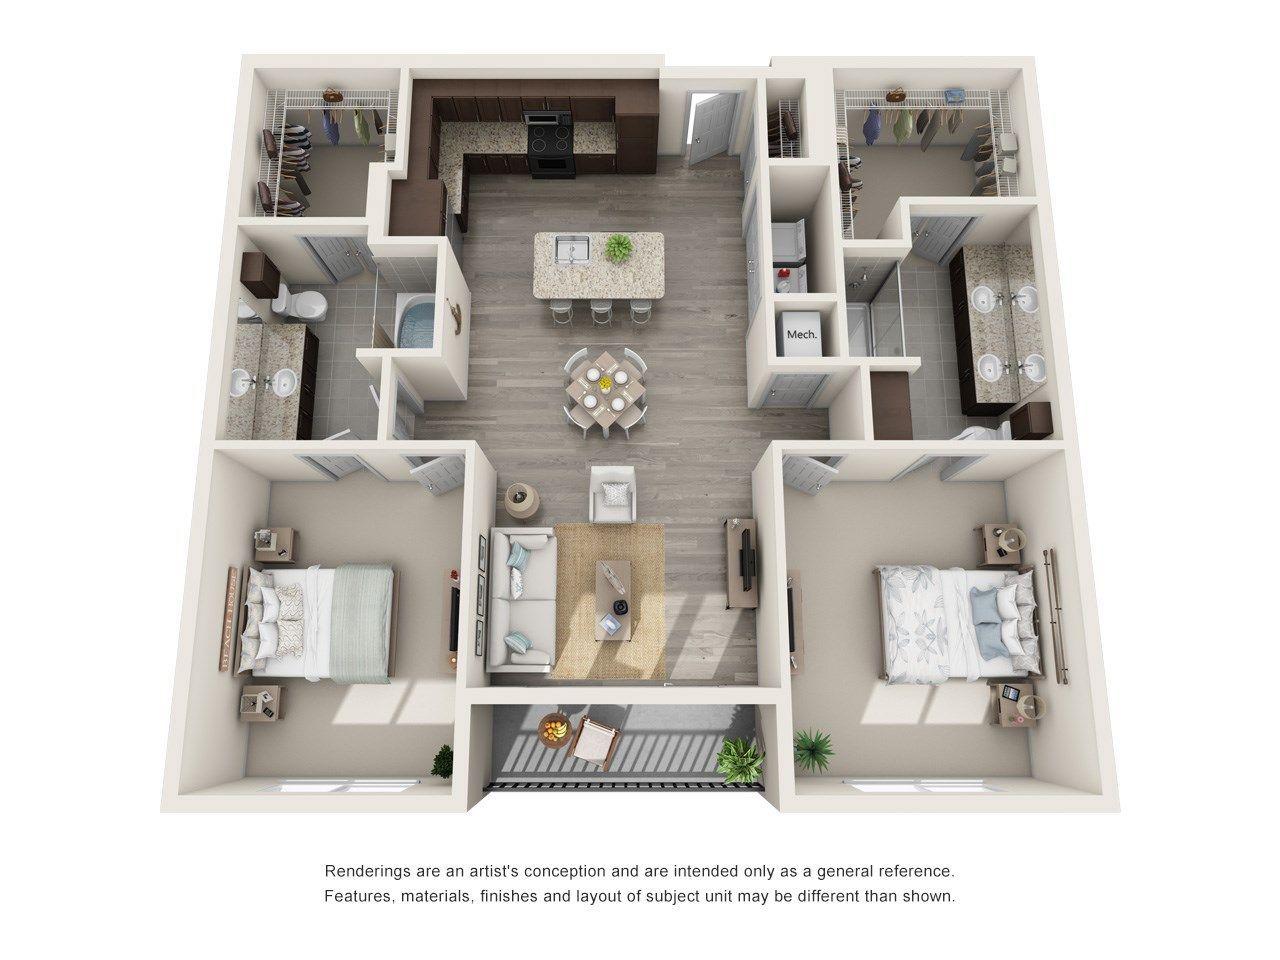 Floor Plans Of Helios Apartments In Englewood Co Luxurytwobedroomsapartment House Floor Design Sims House Plans House Plans